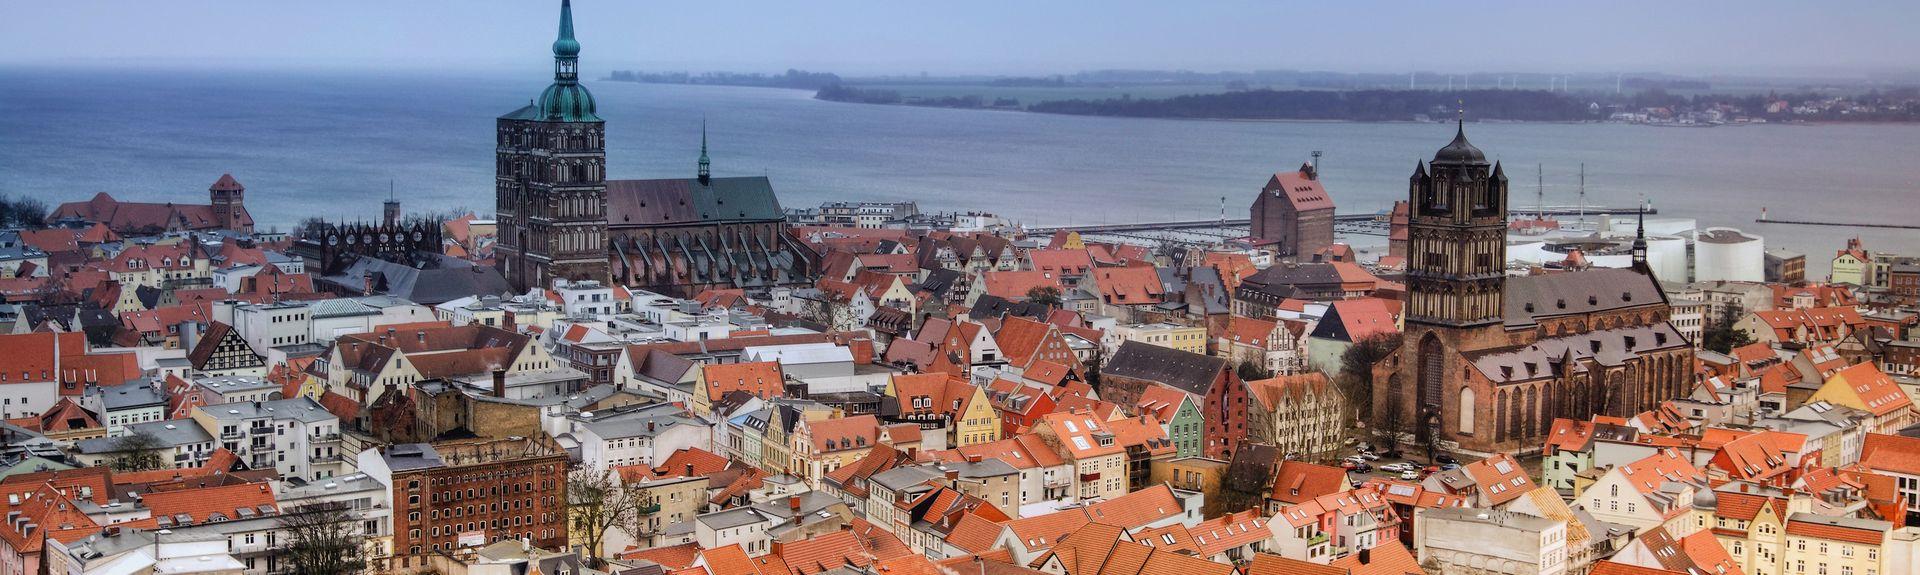 Stralsund, Meklemburgia — Pomorze Przednie, Niemcy